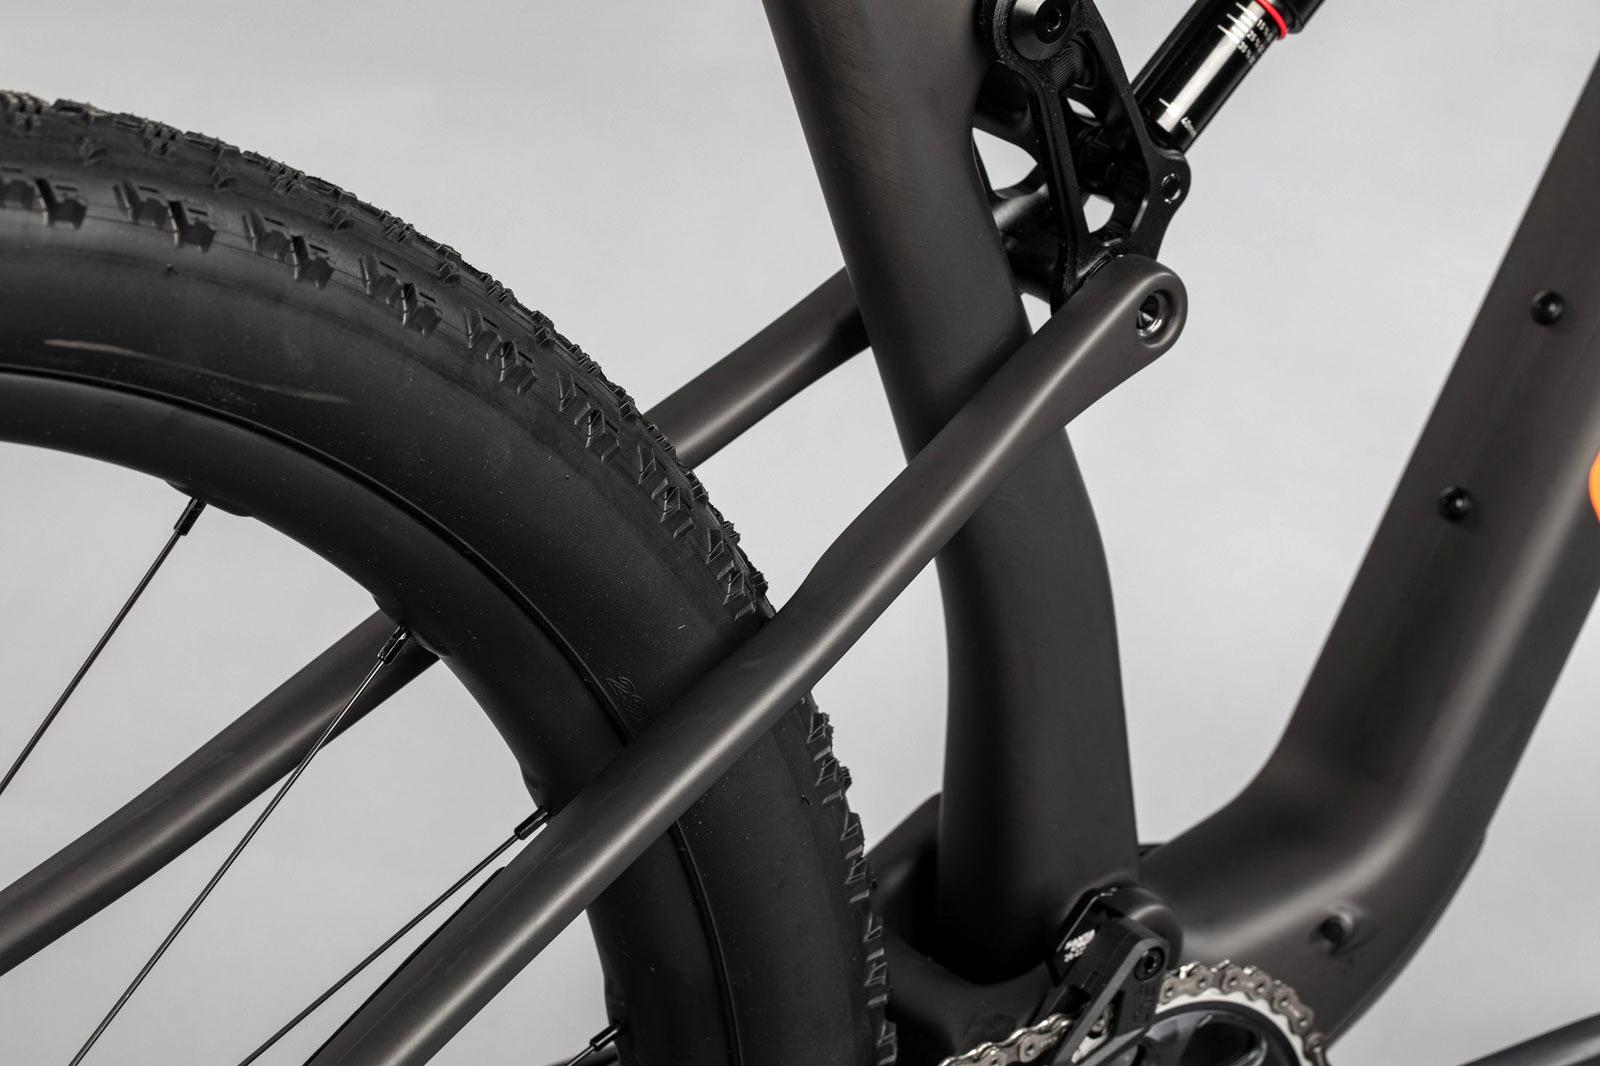 2022 santa cruz blur rear suspension closeup detail